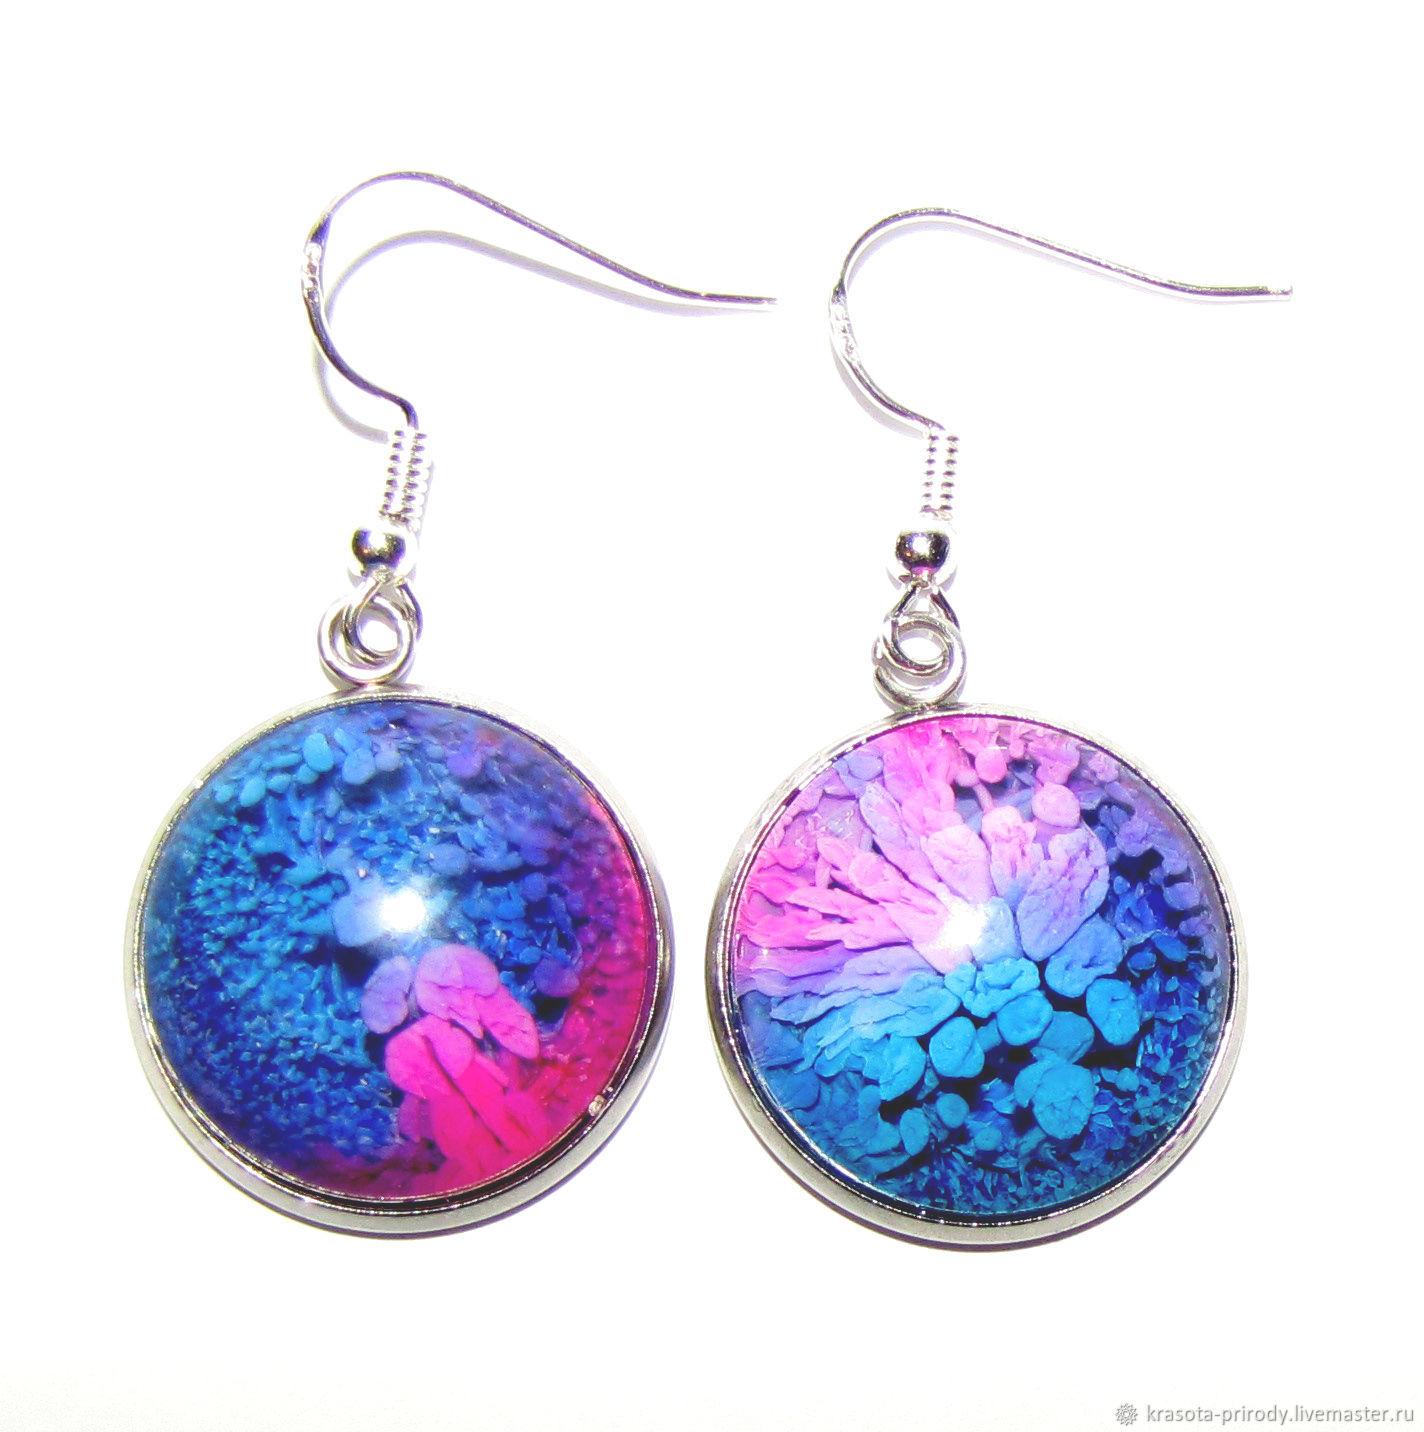 2 cm epoxy resin earrings. Earrings silver, Earrings, Moscow,  Фото №1